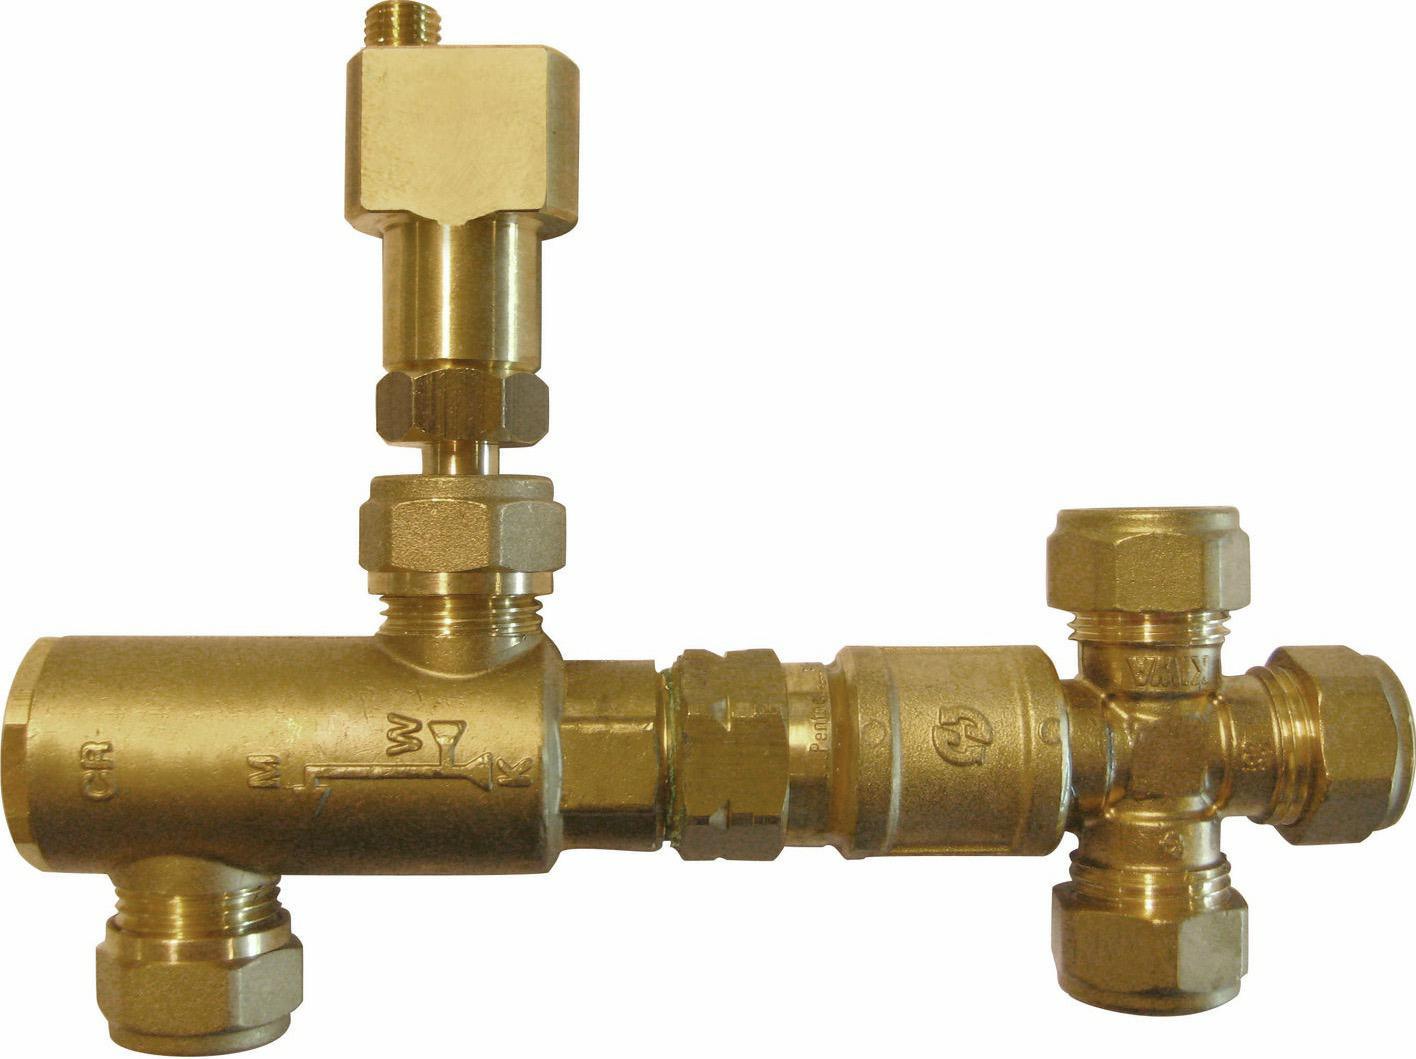 boiler toebehoren Franke Toebehoren 302122 boiler toebehoren